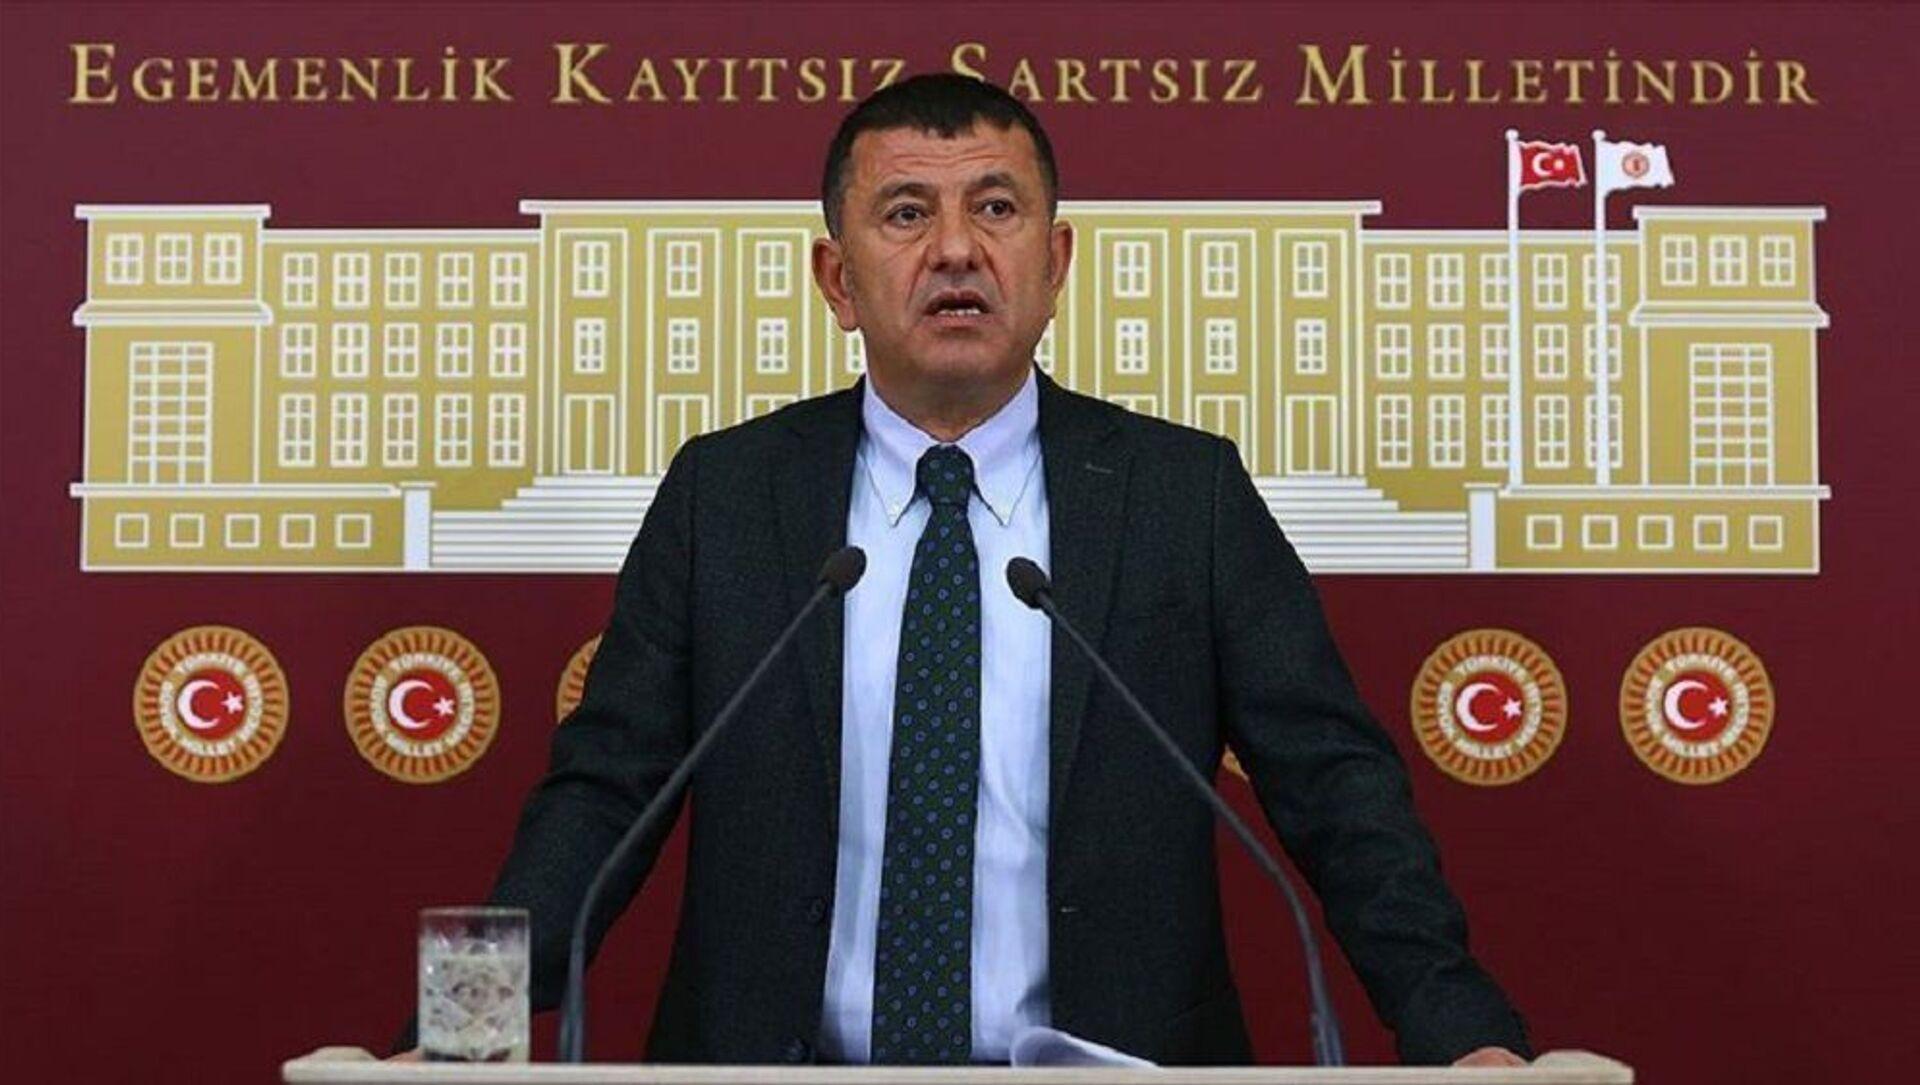 Veli Ağbaba - Sputnik Türkiye, 1920, 27.04.2021